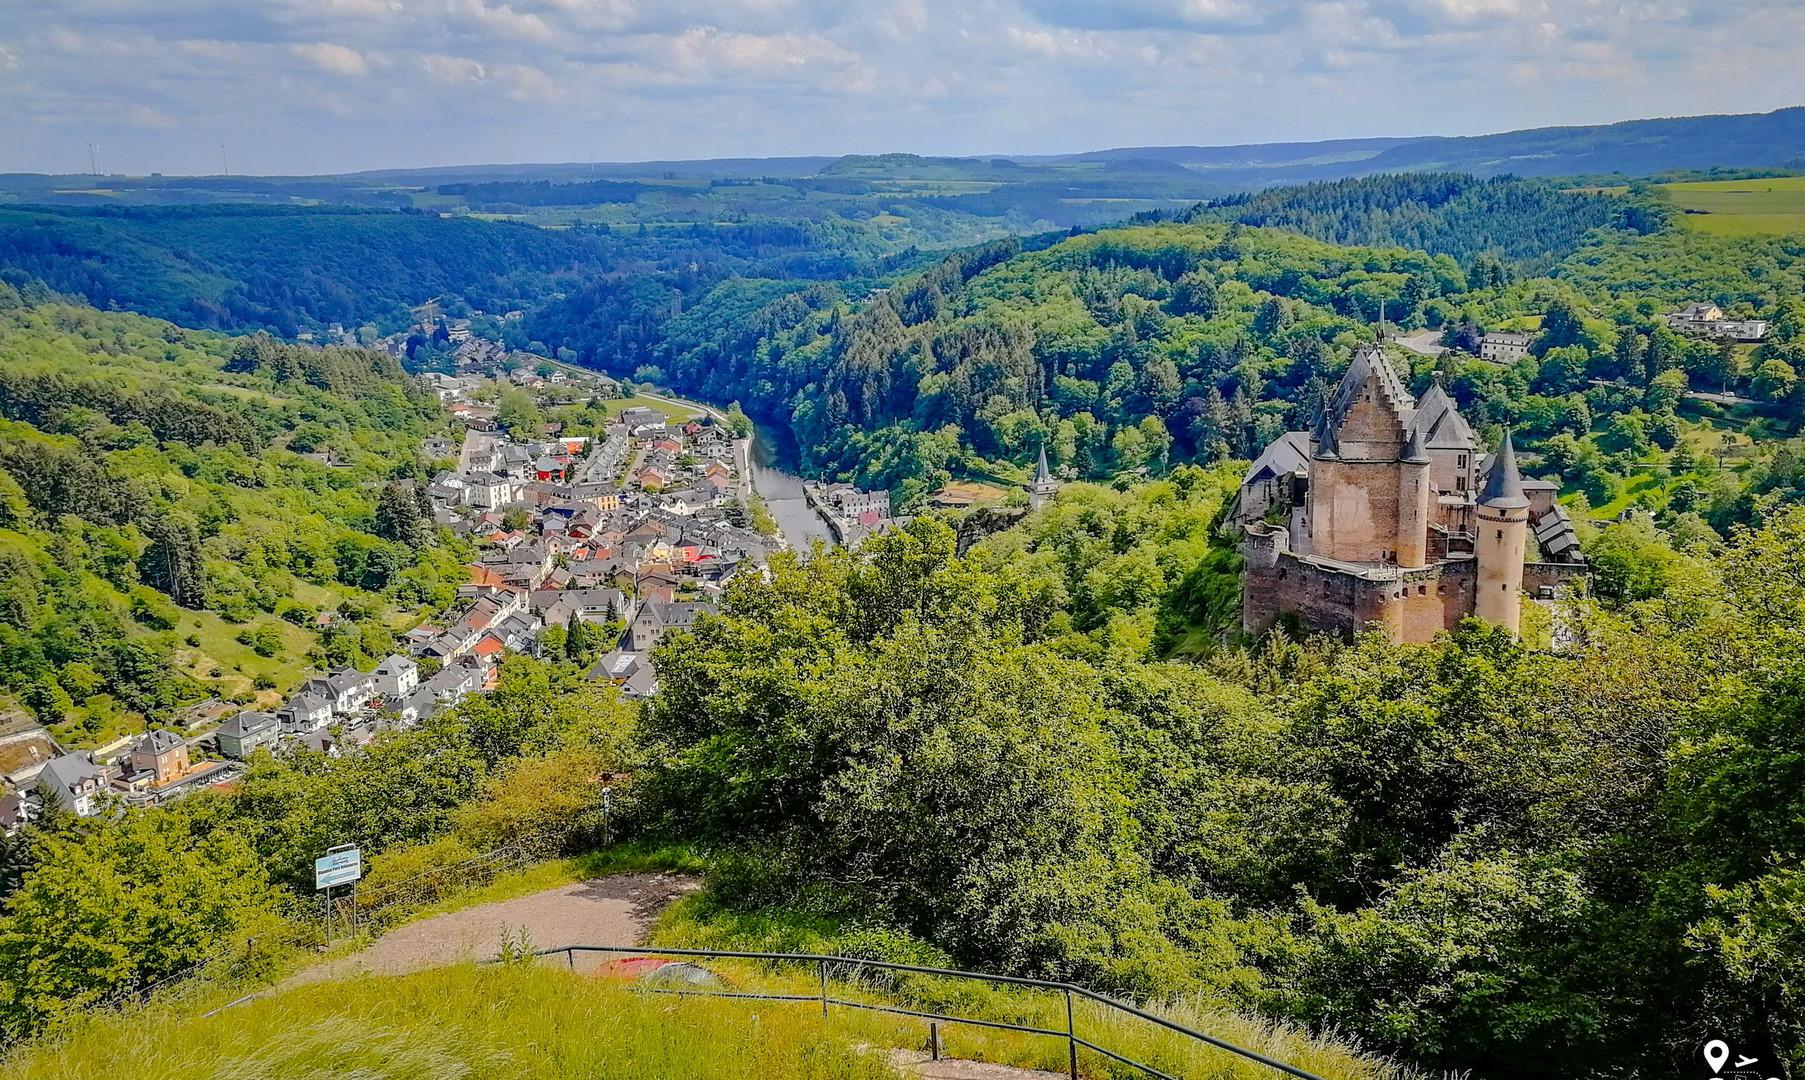 Панорама Виандена с замком